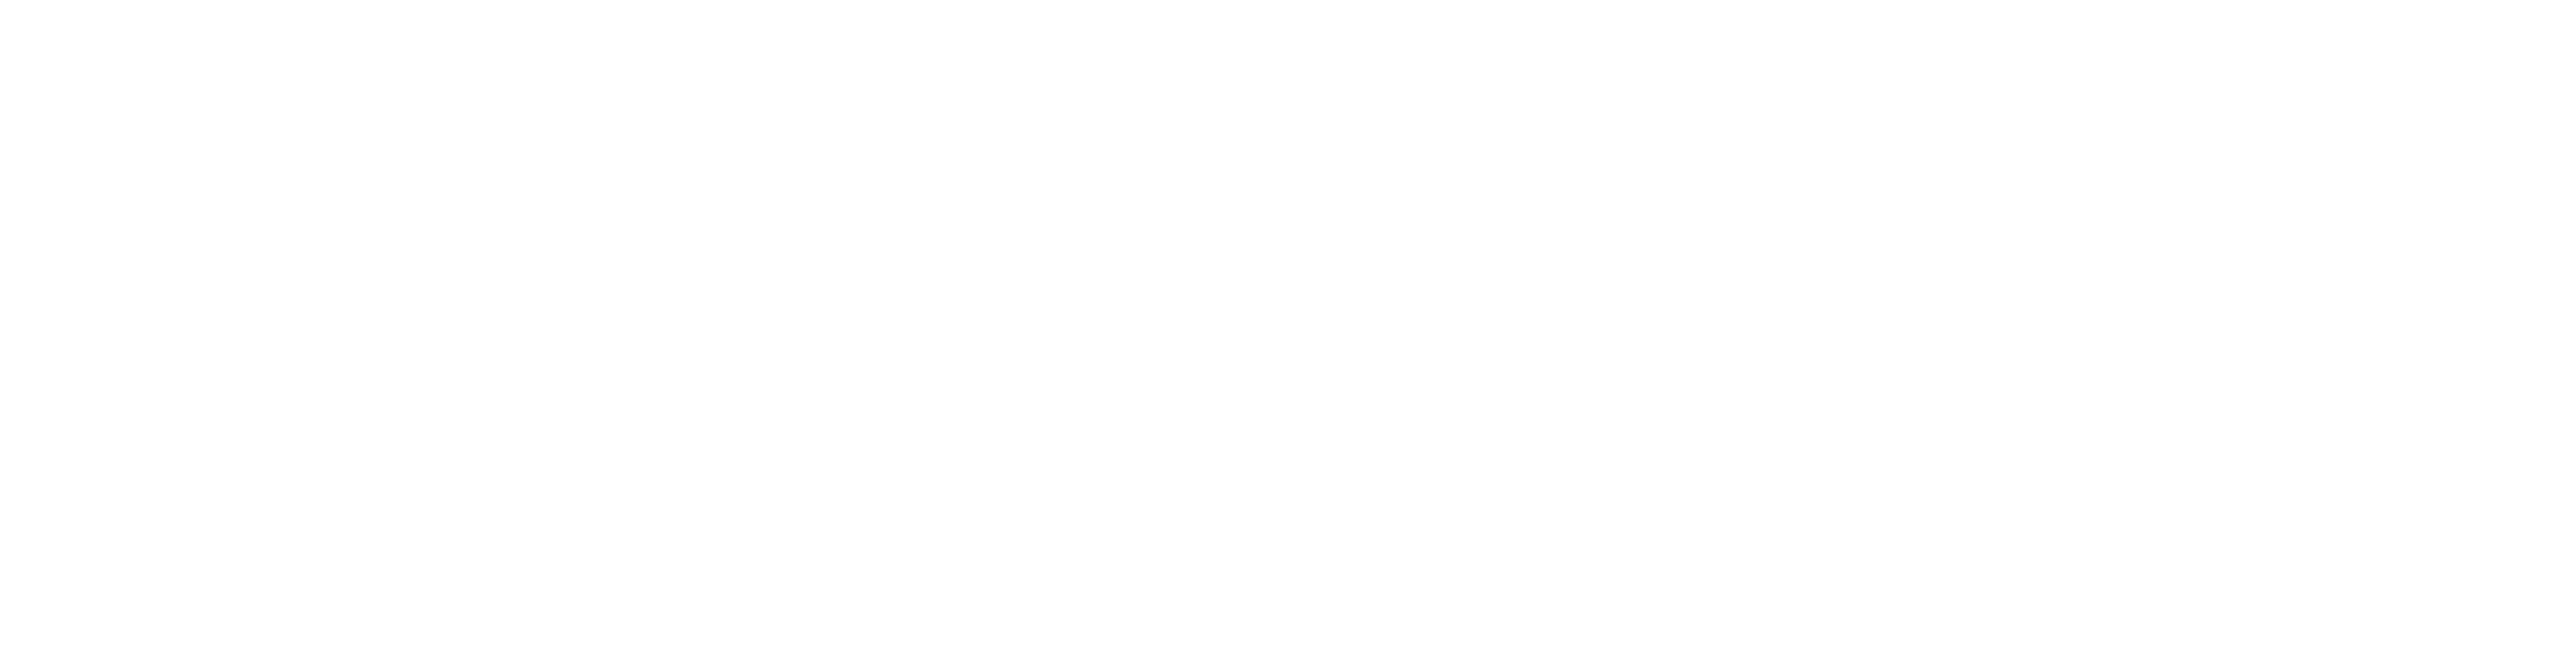 Marketing Digital para sua Empresa | Agência Studio Arts